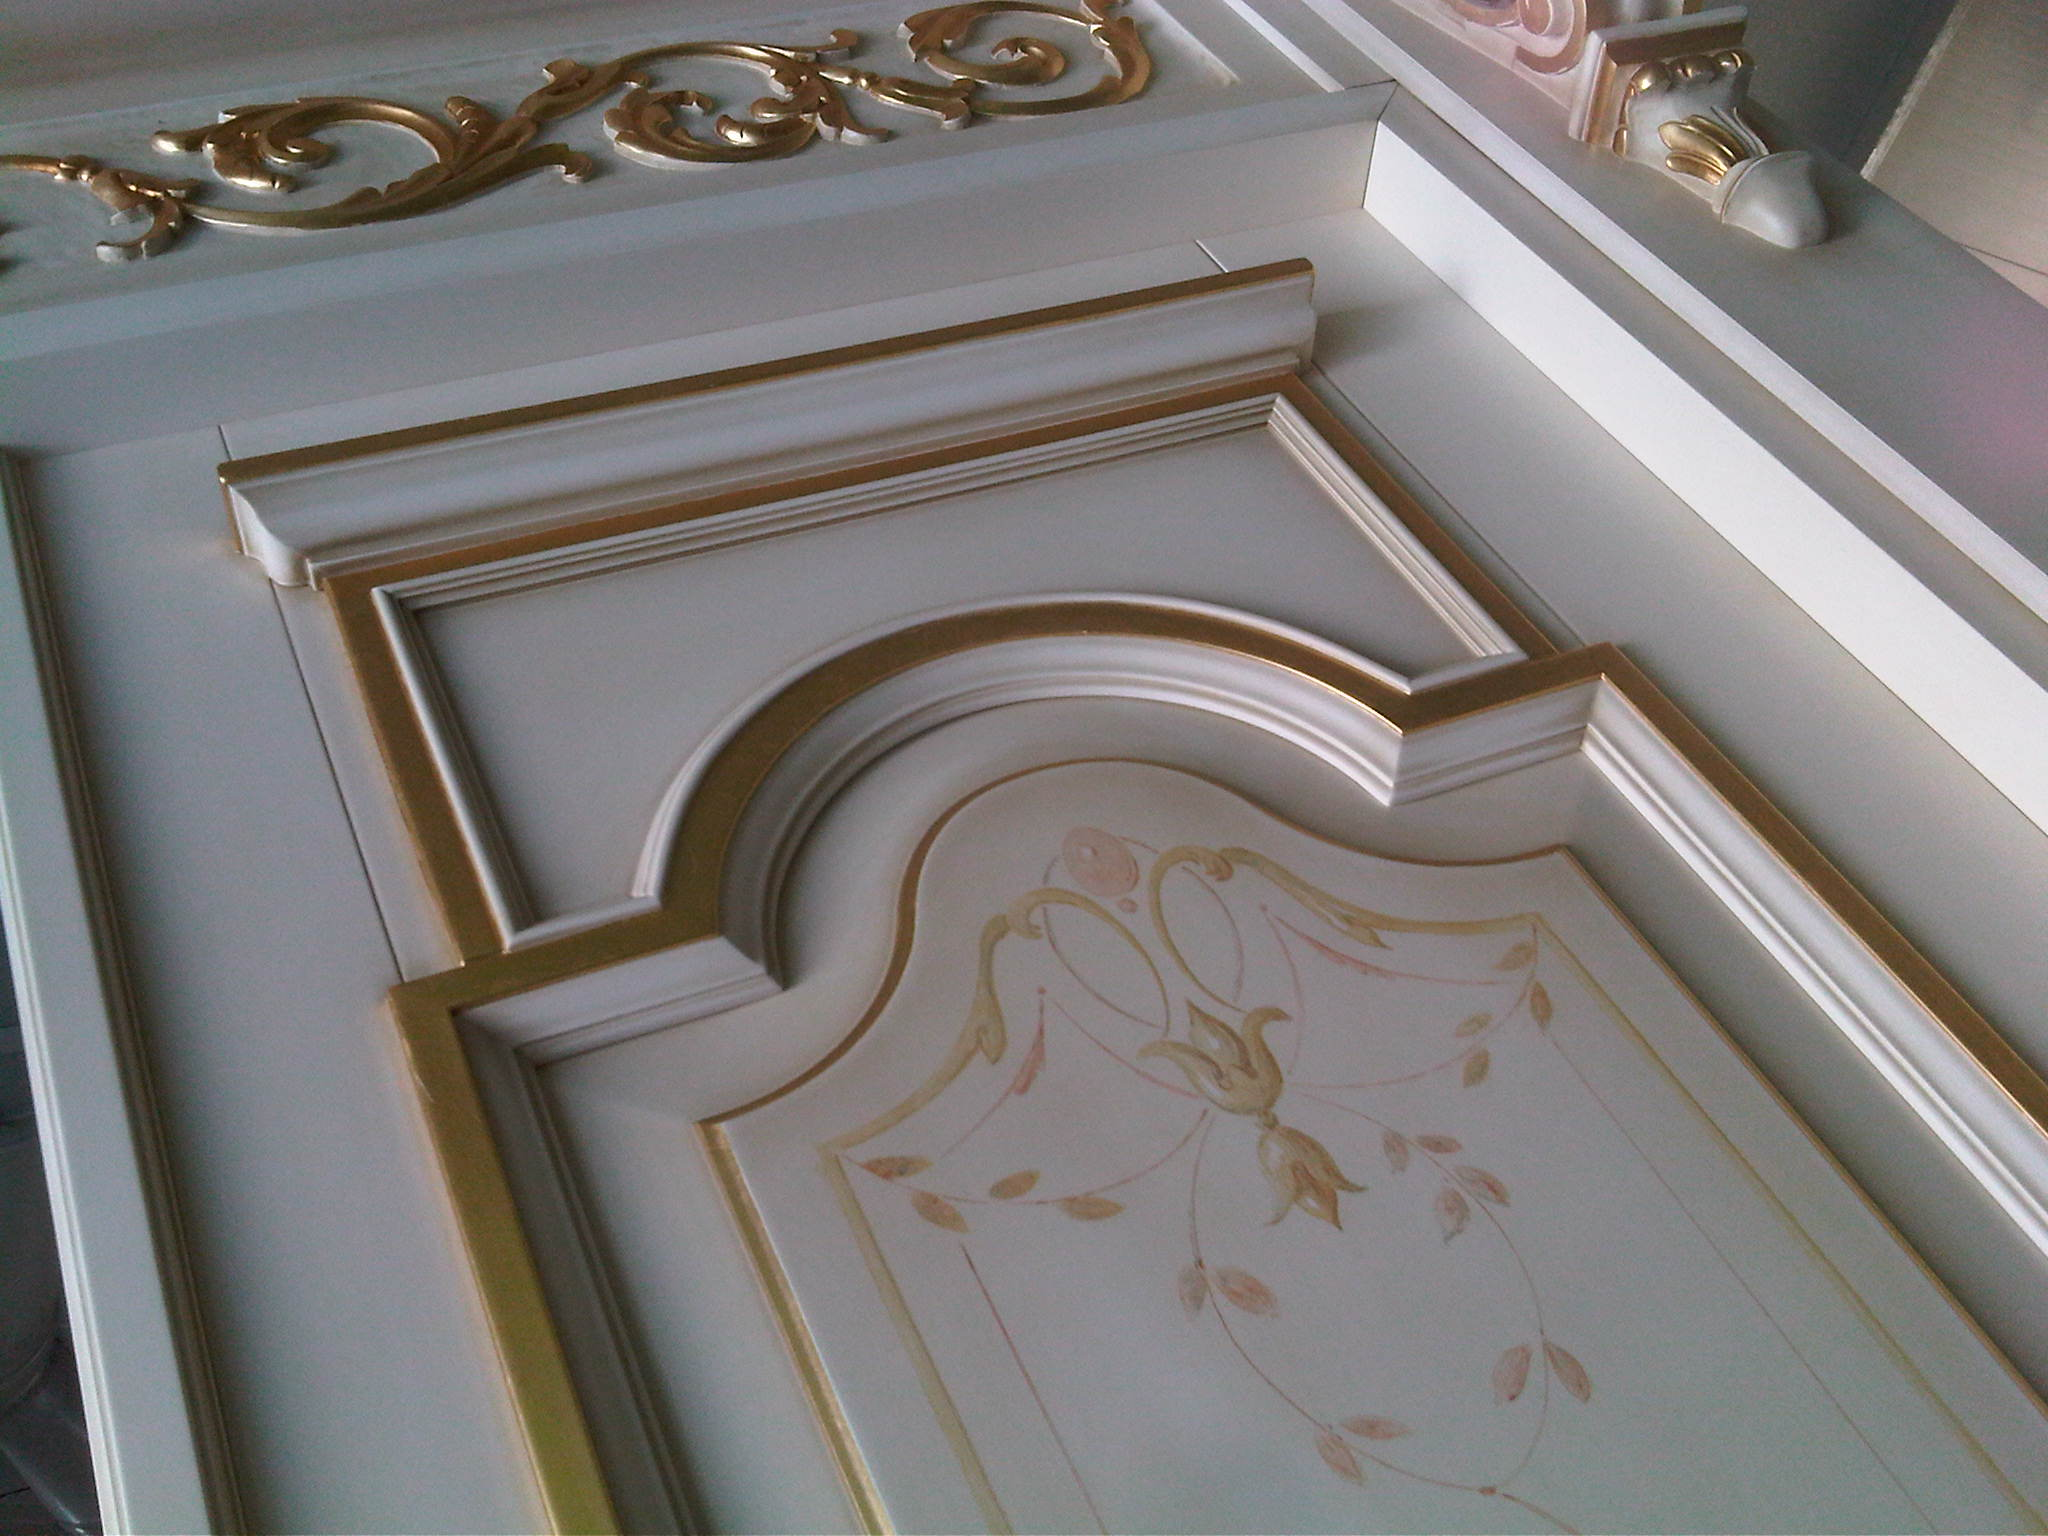 Xilema esempi d 39 intagli e decorazioni per porte interne - Decorazioni porte interne ...